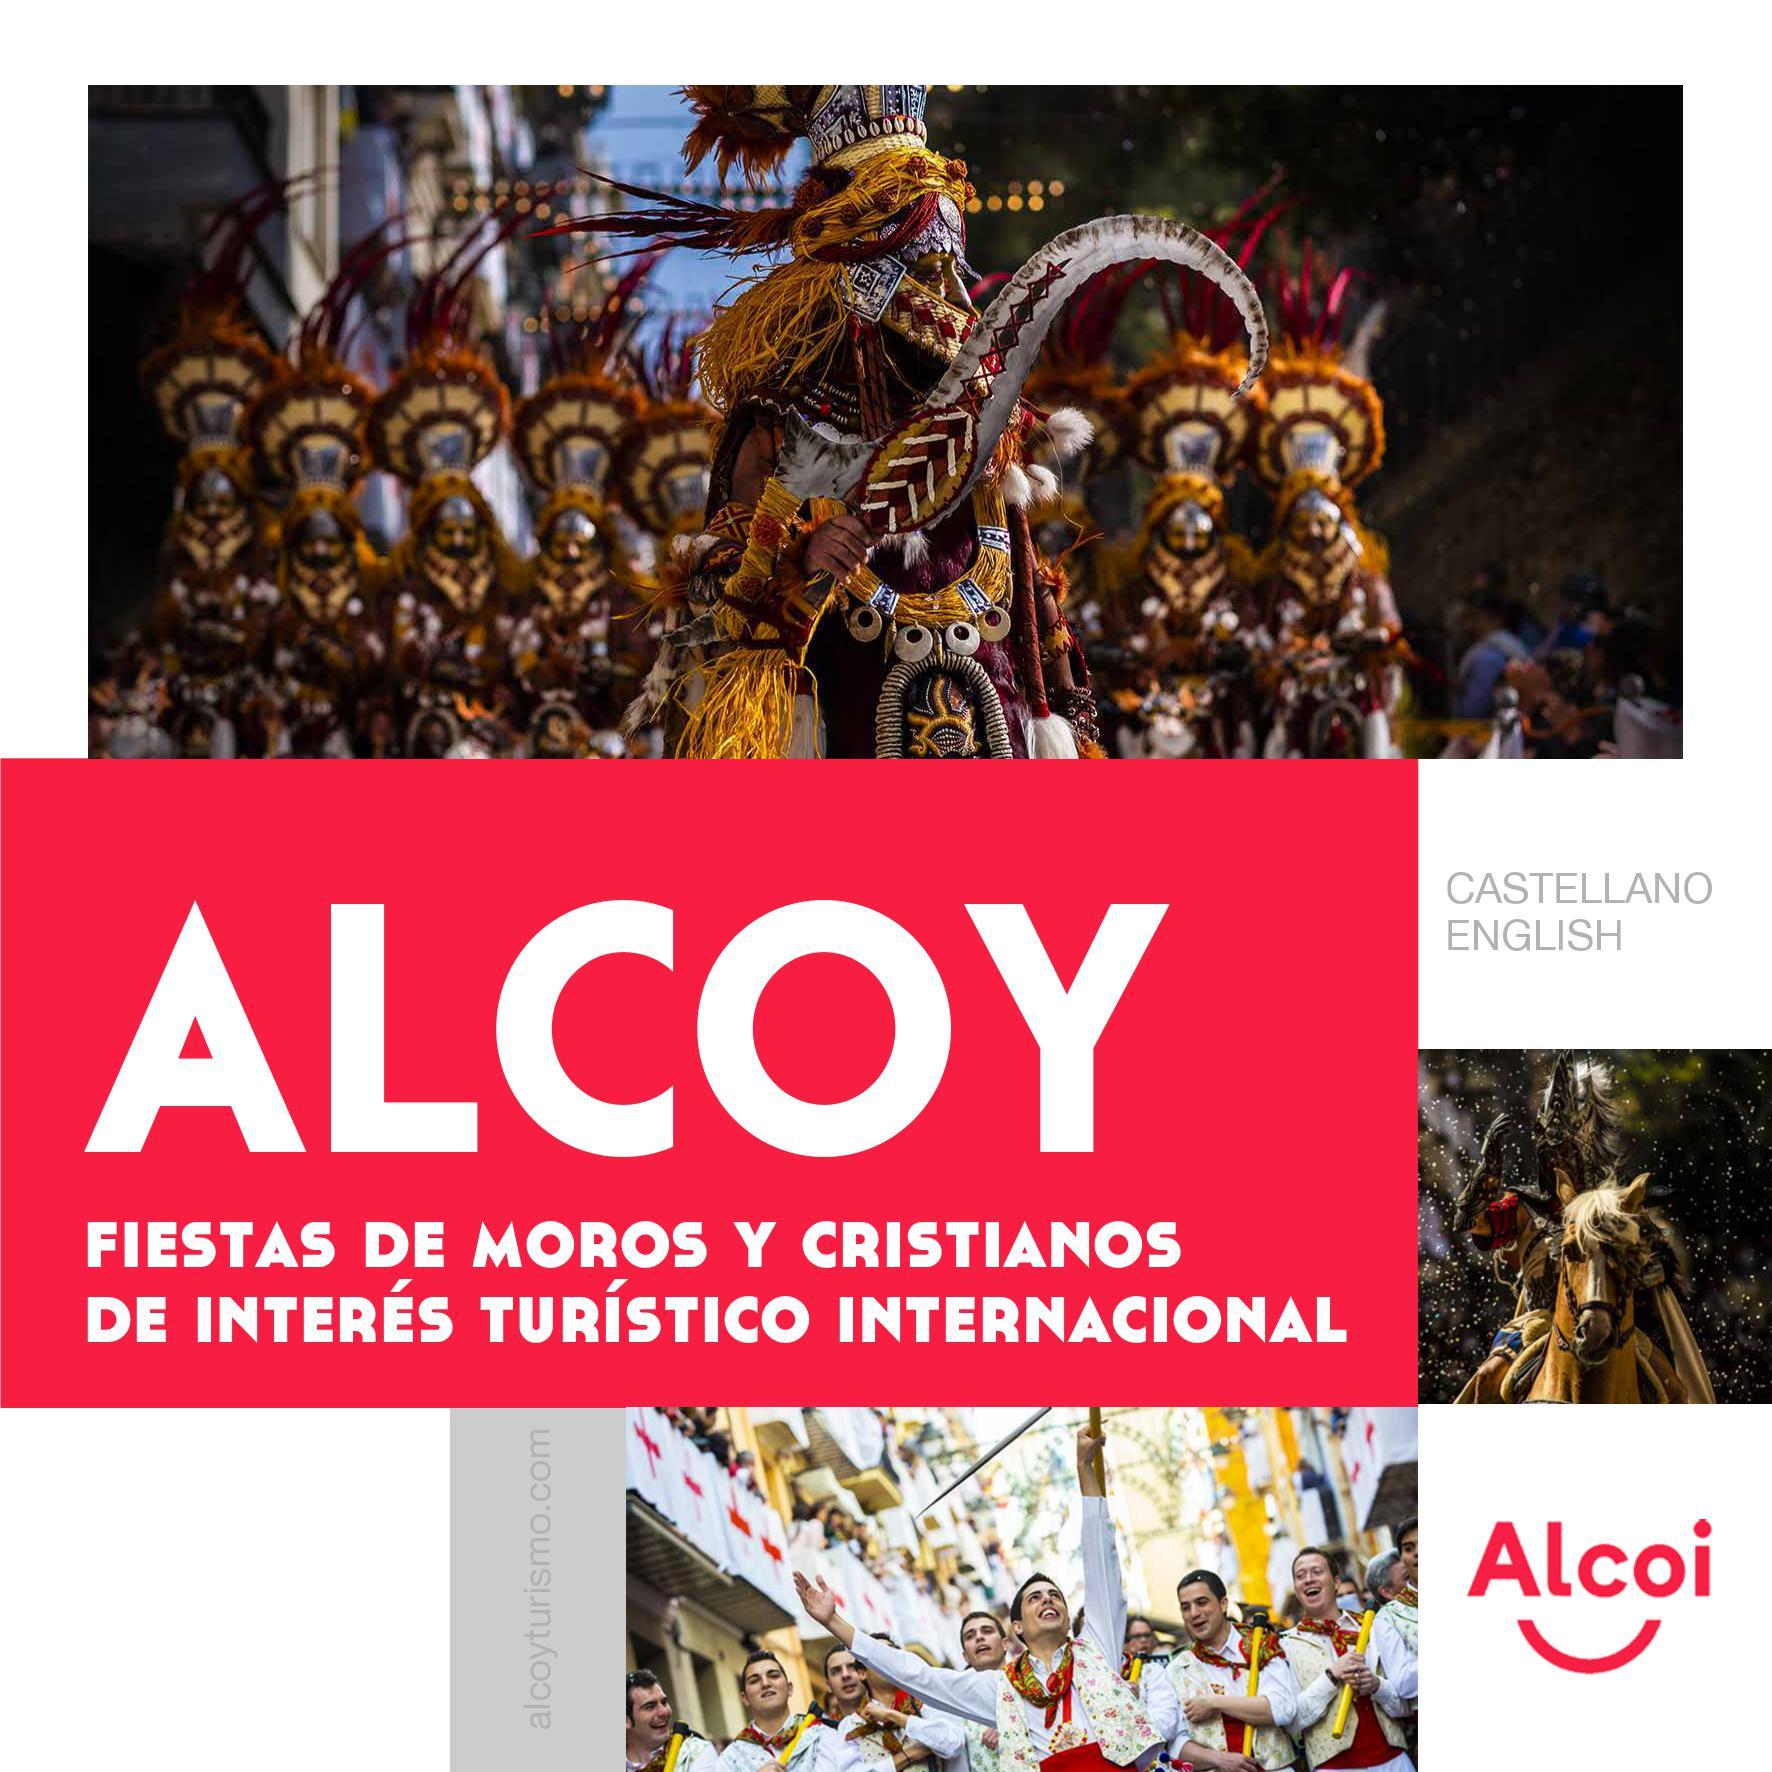 Foto folleto Moros y Cristianos de Alcoy